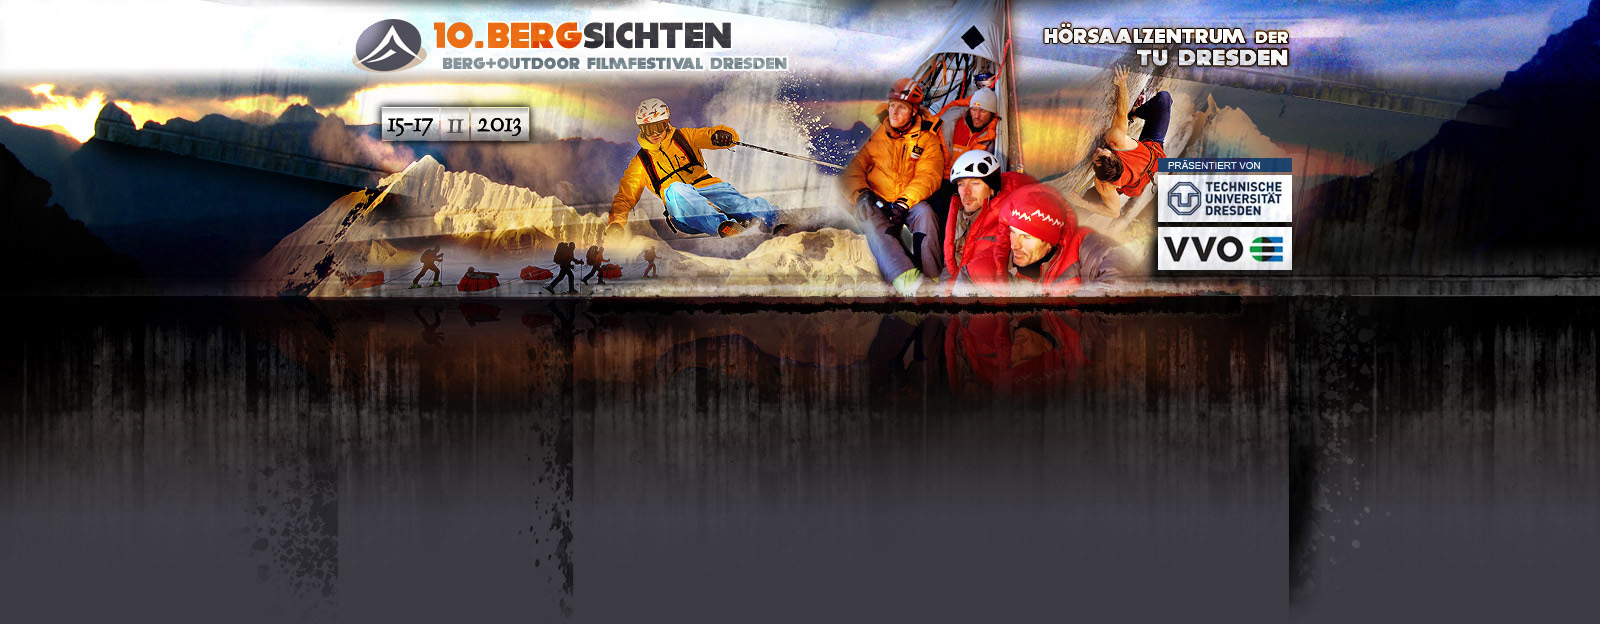 http://www.bergsichten.de/images/webdesign2010/bergsichten2013.jpg